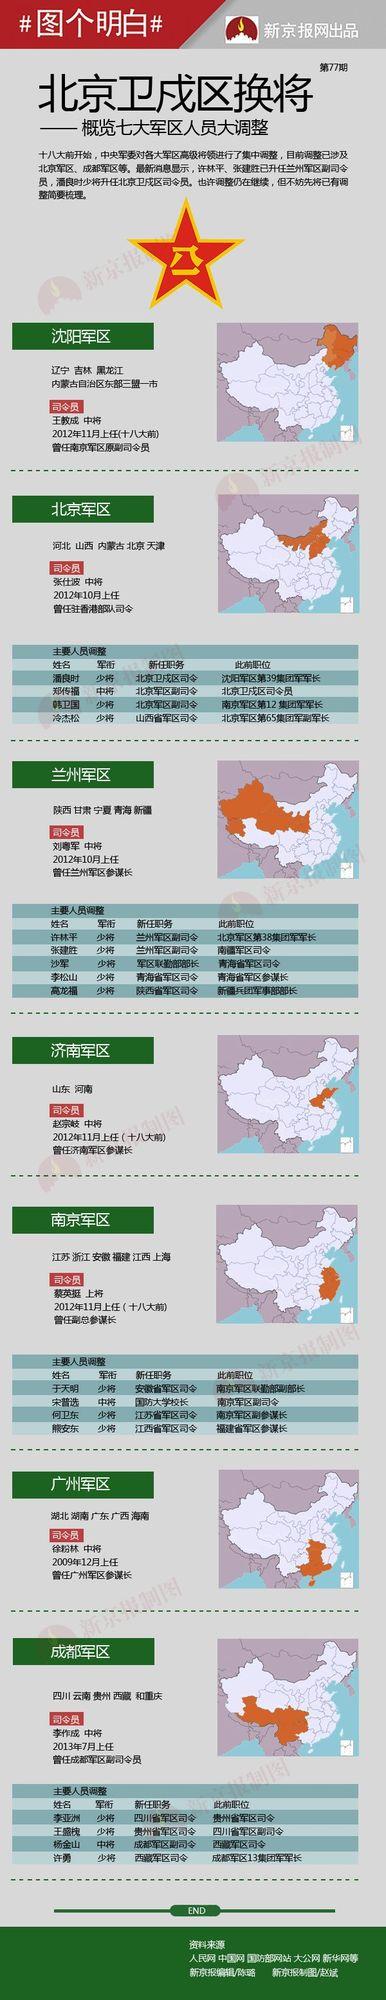 北京卫戍区换将 七大军区人员大调整